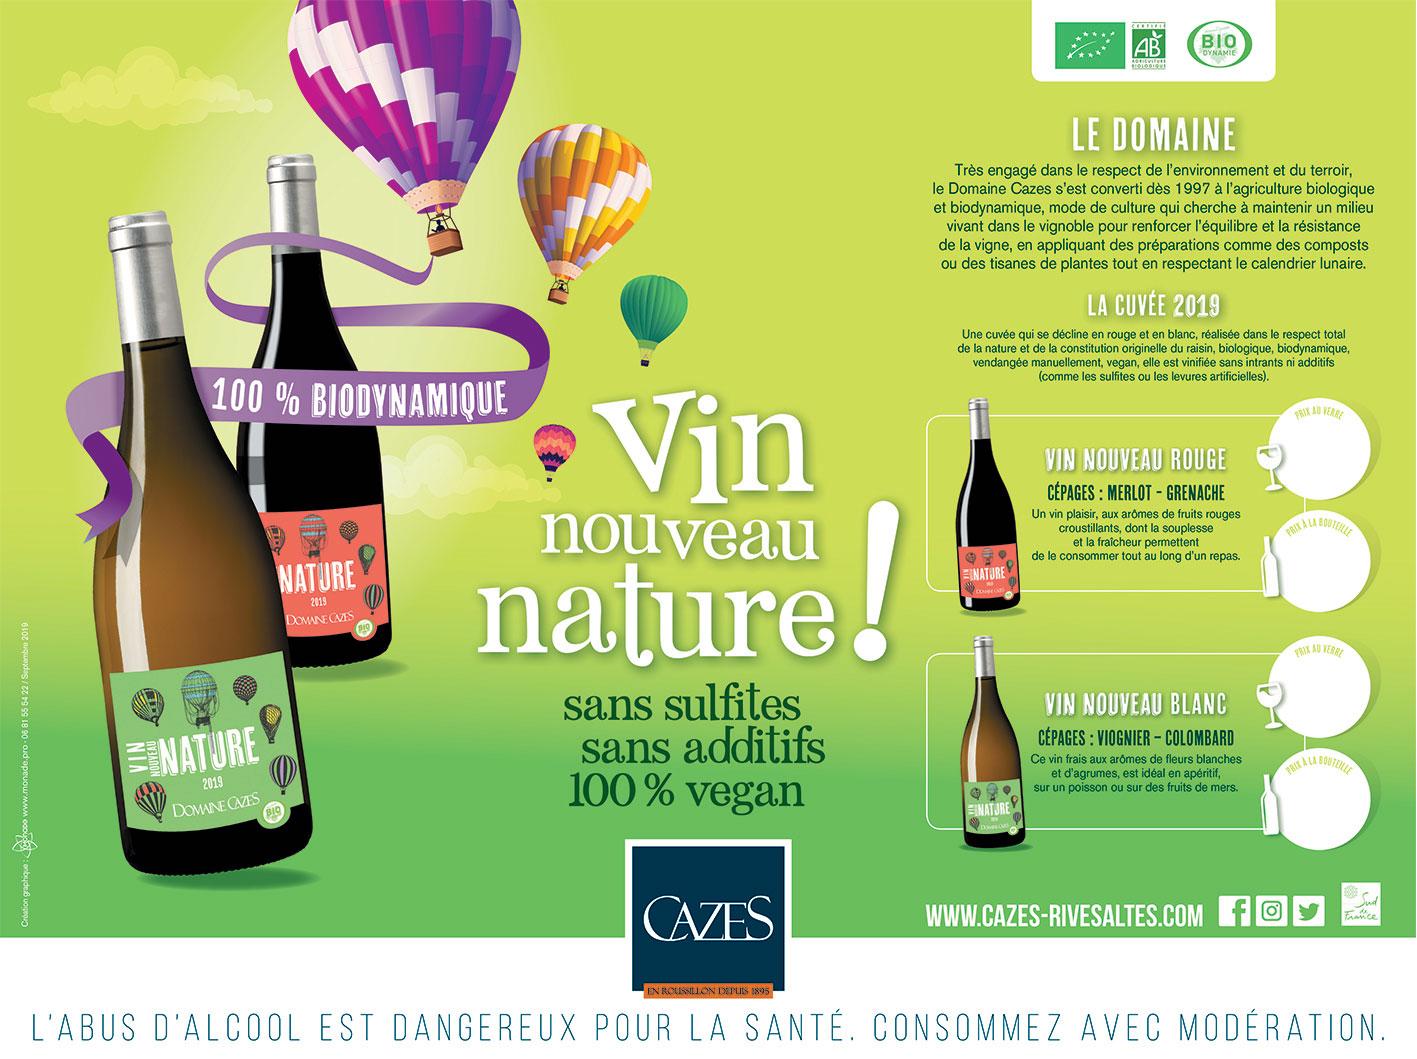 set-de-table-CAZES-vin-nouveau-72dpi.jpg